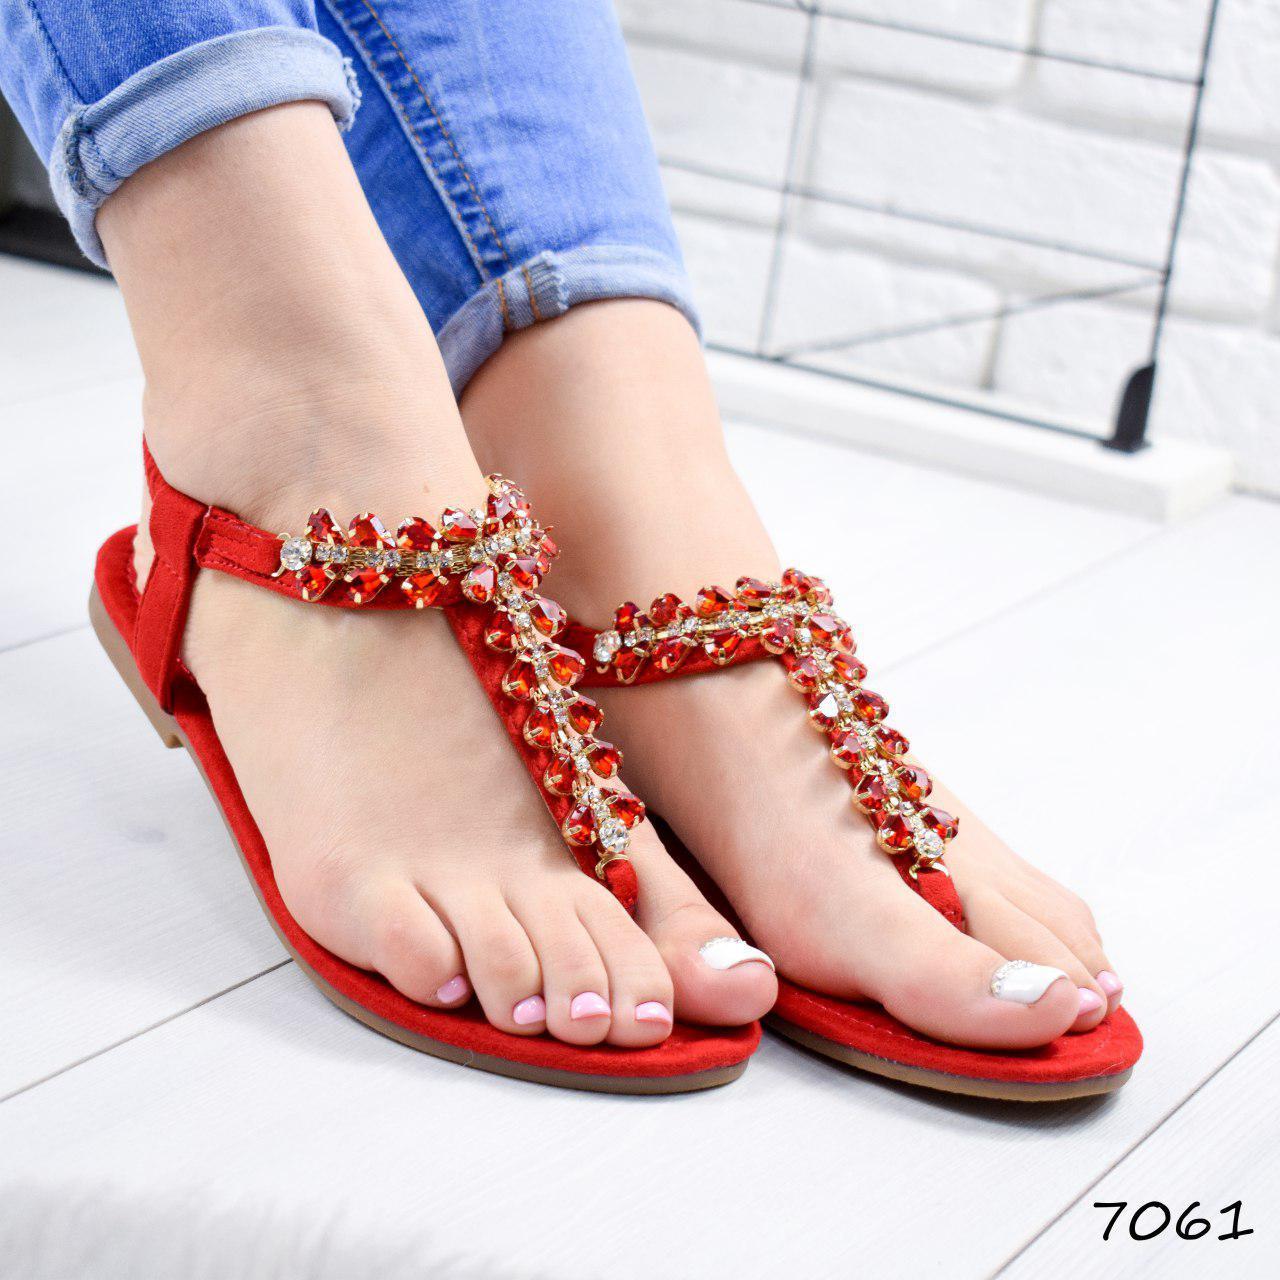 """Босоножки женские, красные с камнями """"Morowe"""" эко замша, сандалии женские, открытые туфли женские"""